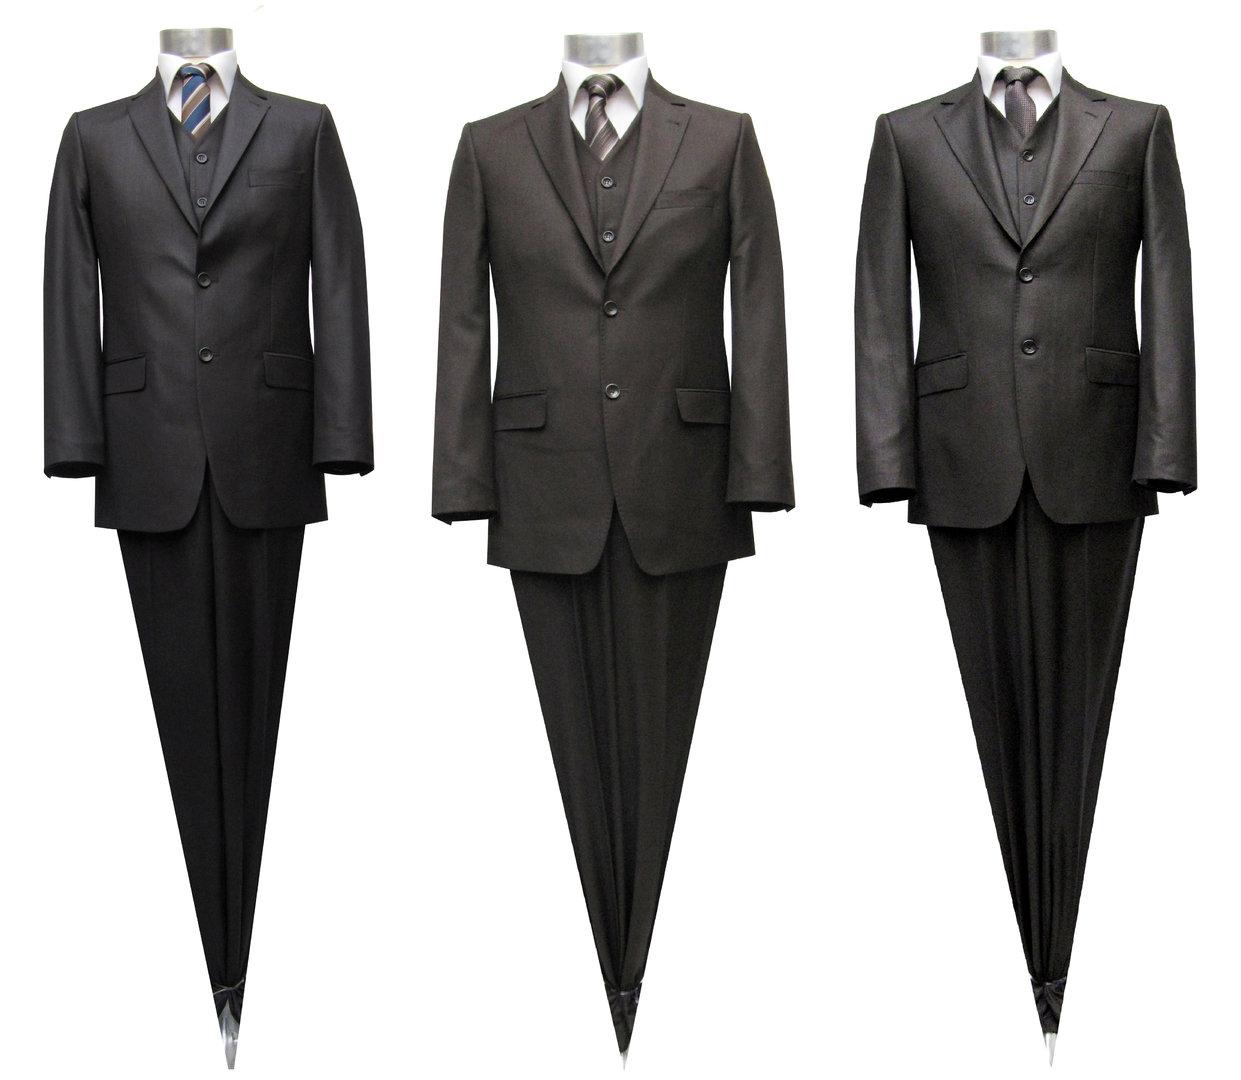 Muga 2 Knopf Herren Anzug Brauntöne Herrenausstatter